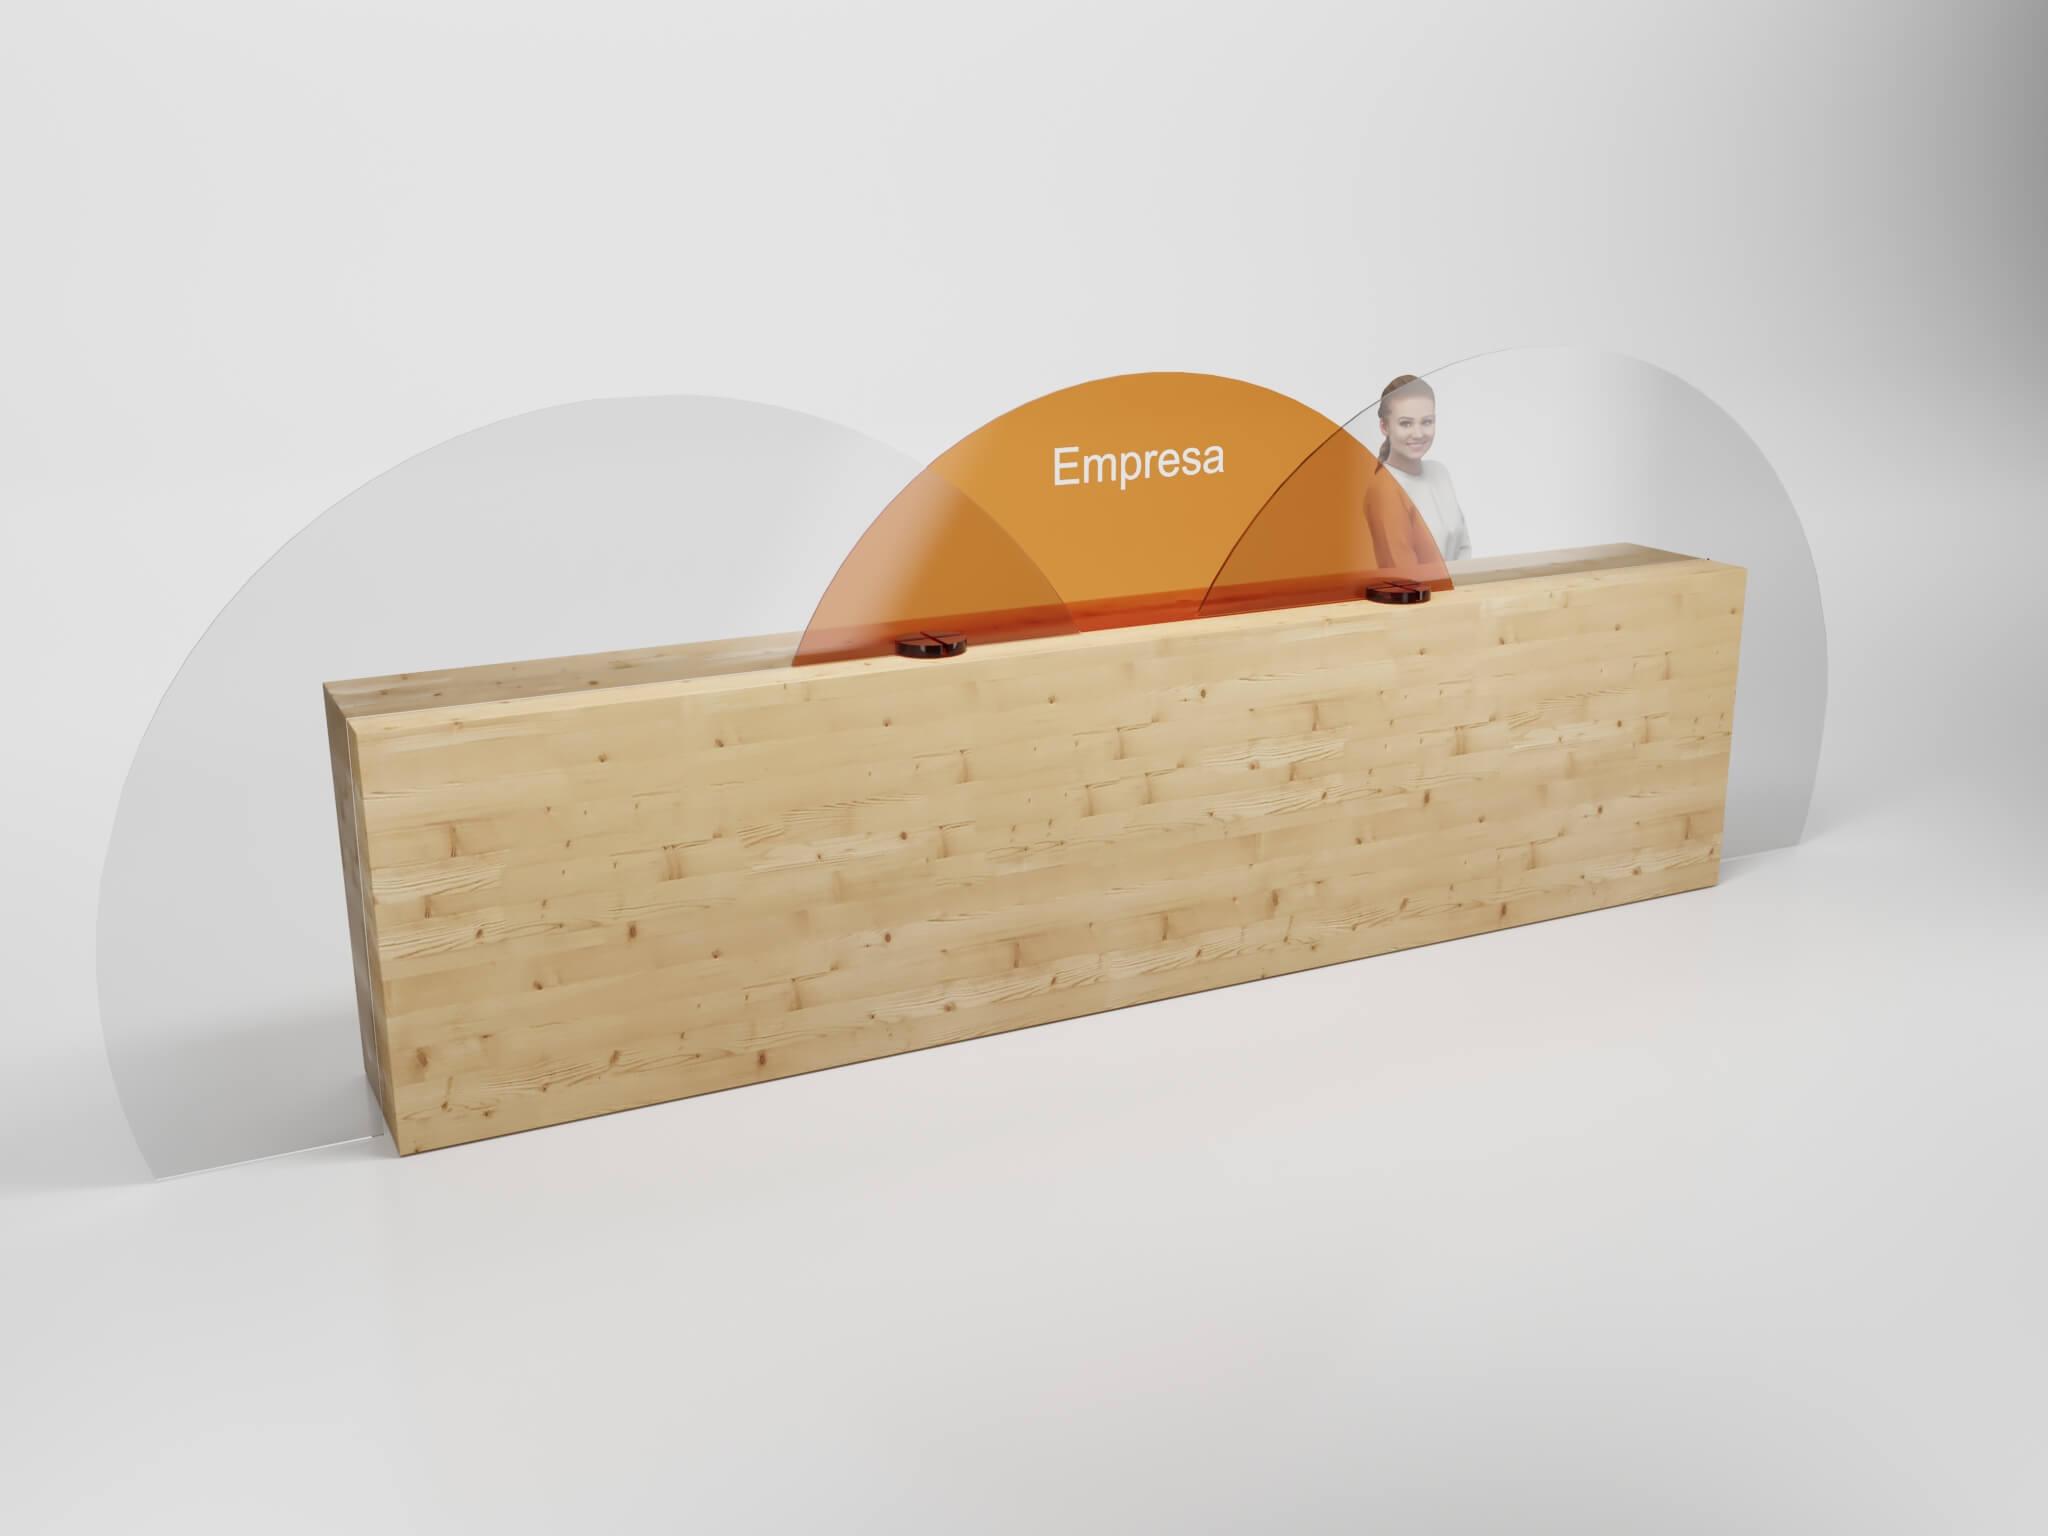 Mampara mostrador a medida circular